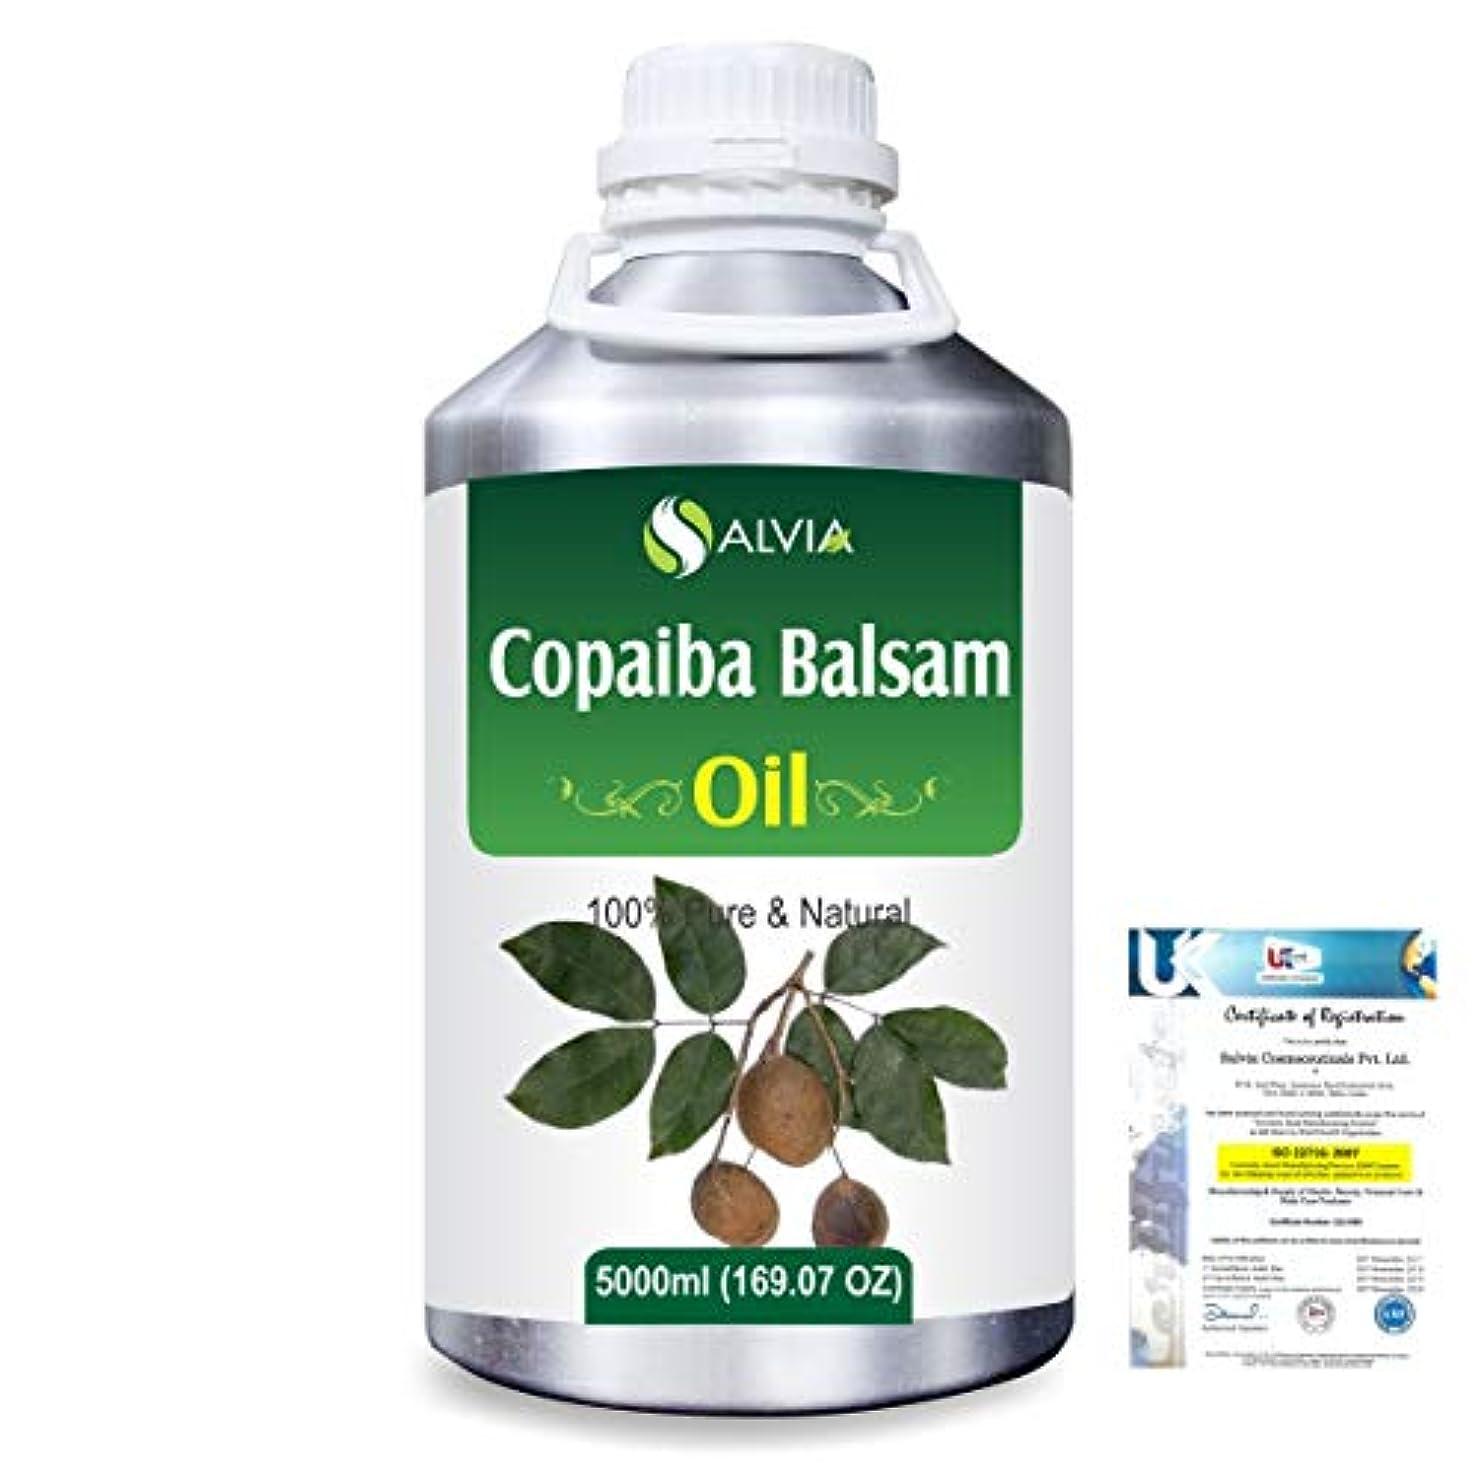 人に関する限りバックグラウンド崩壊Copaiba Balsam 100% Natural Pure Essential Oil 5000ml/169fl.oz.